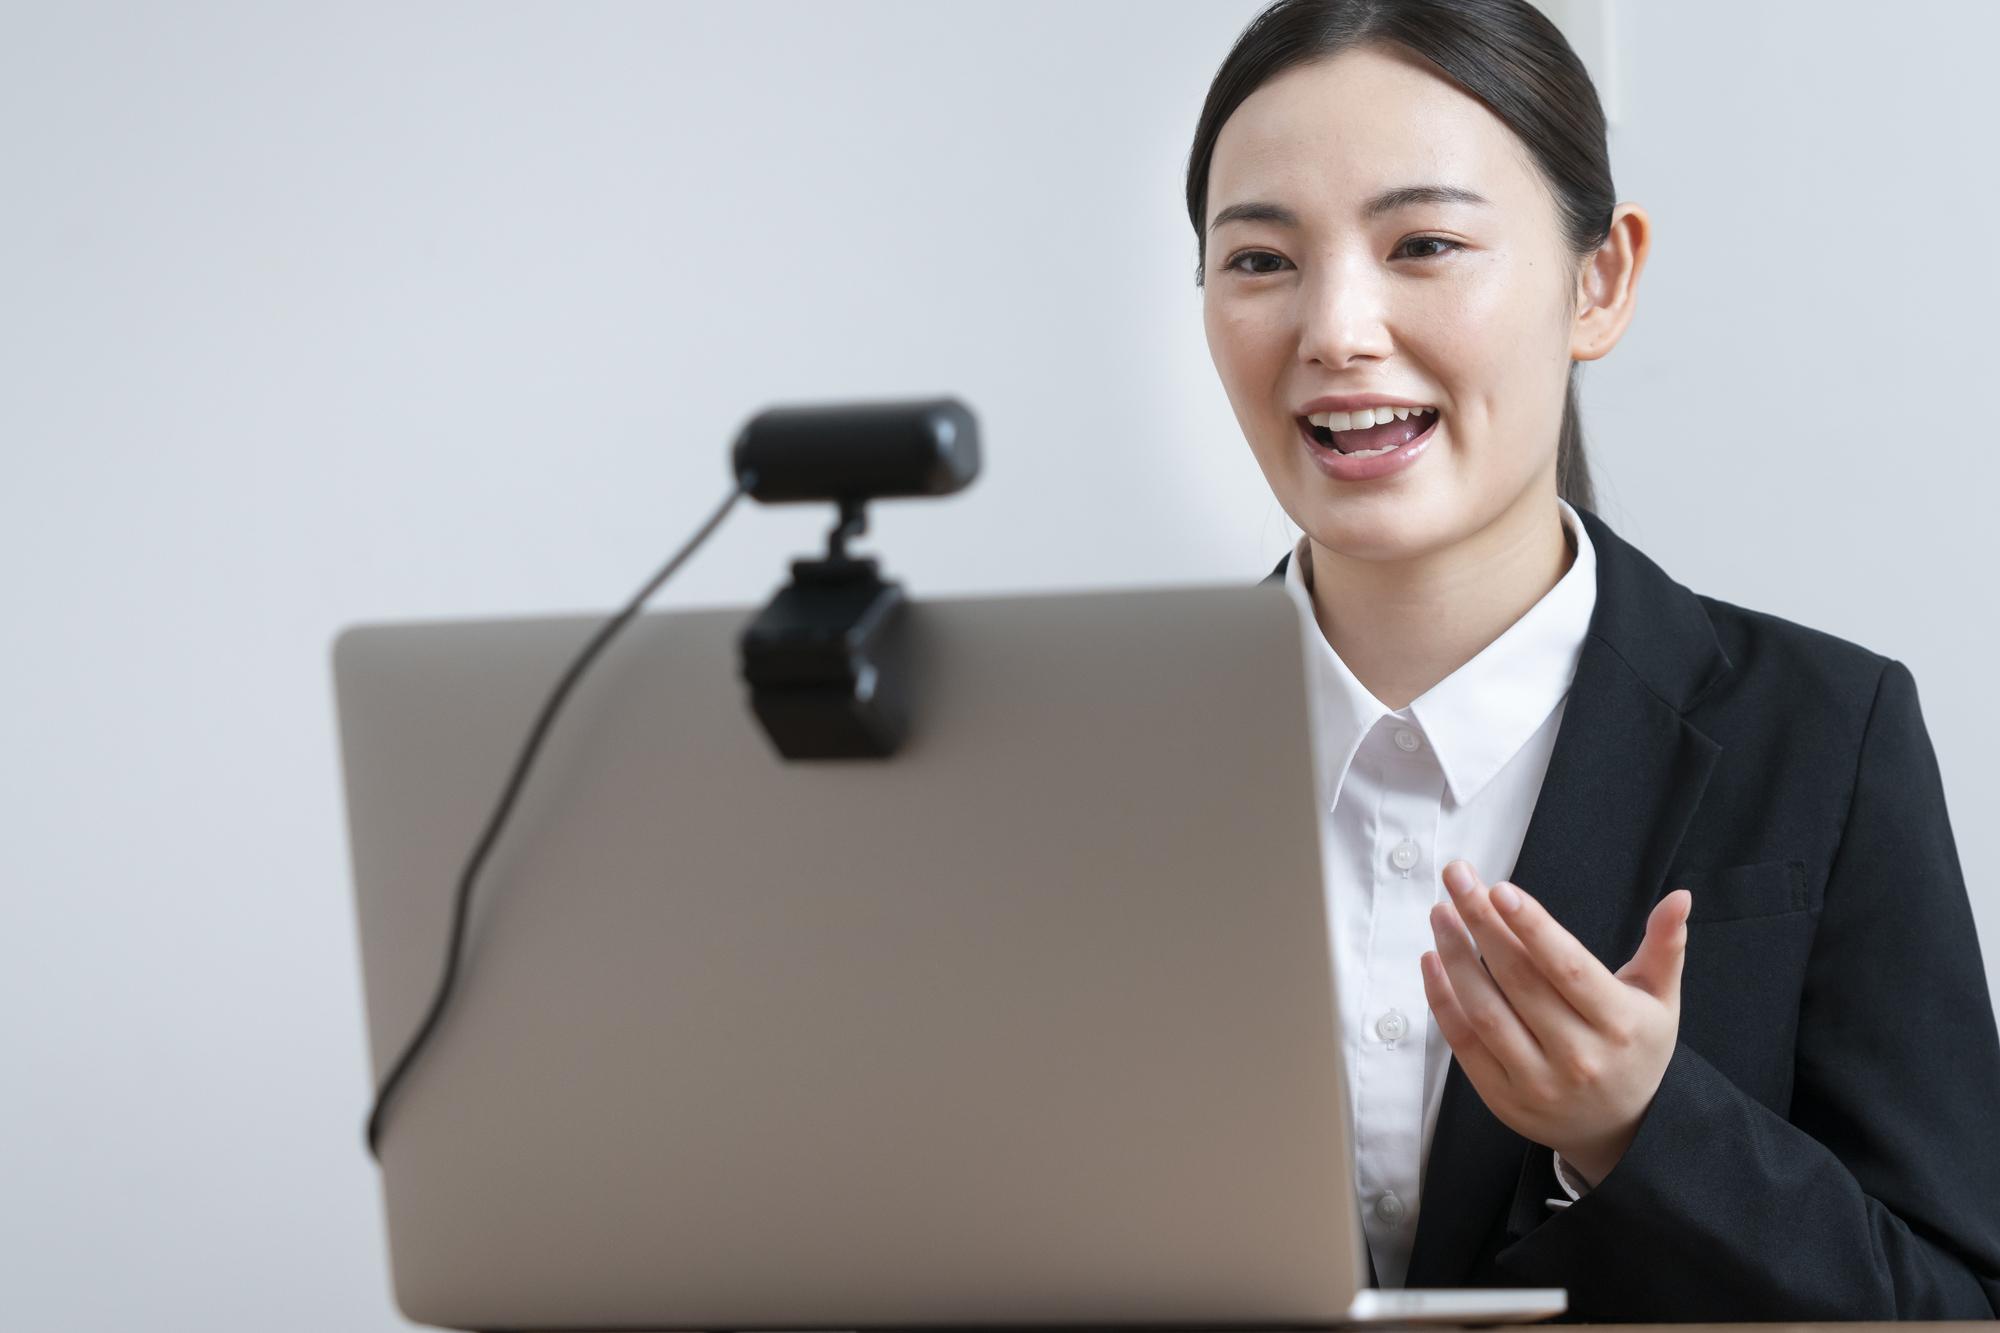 知っておきたいオンライン面接のポイントと事前準備!採用活動の拡大を効果的に_1